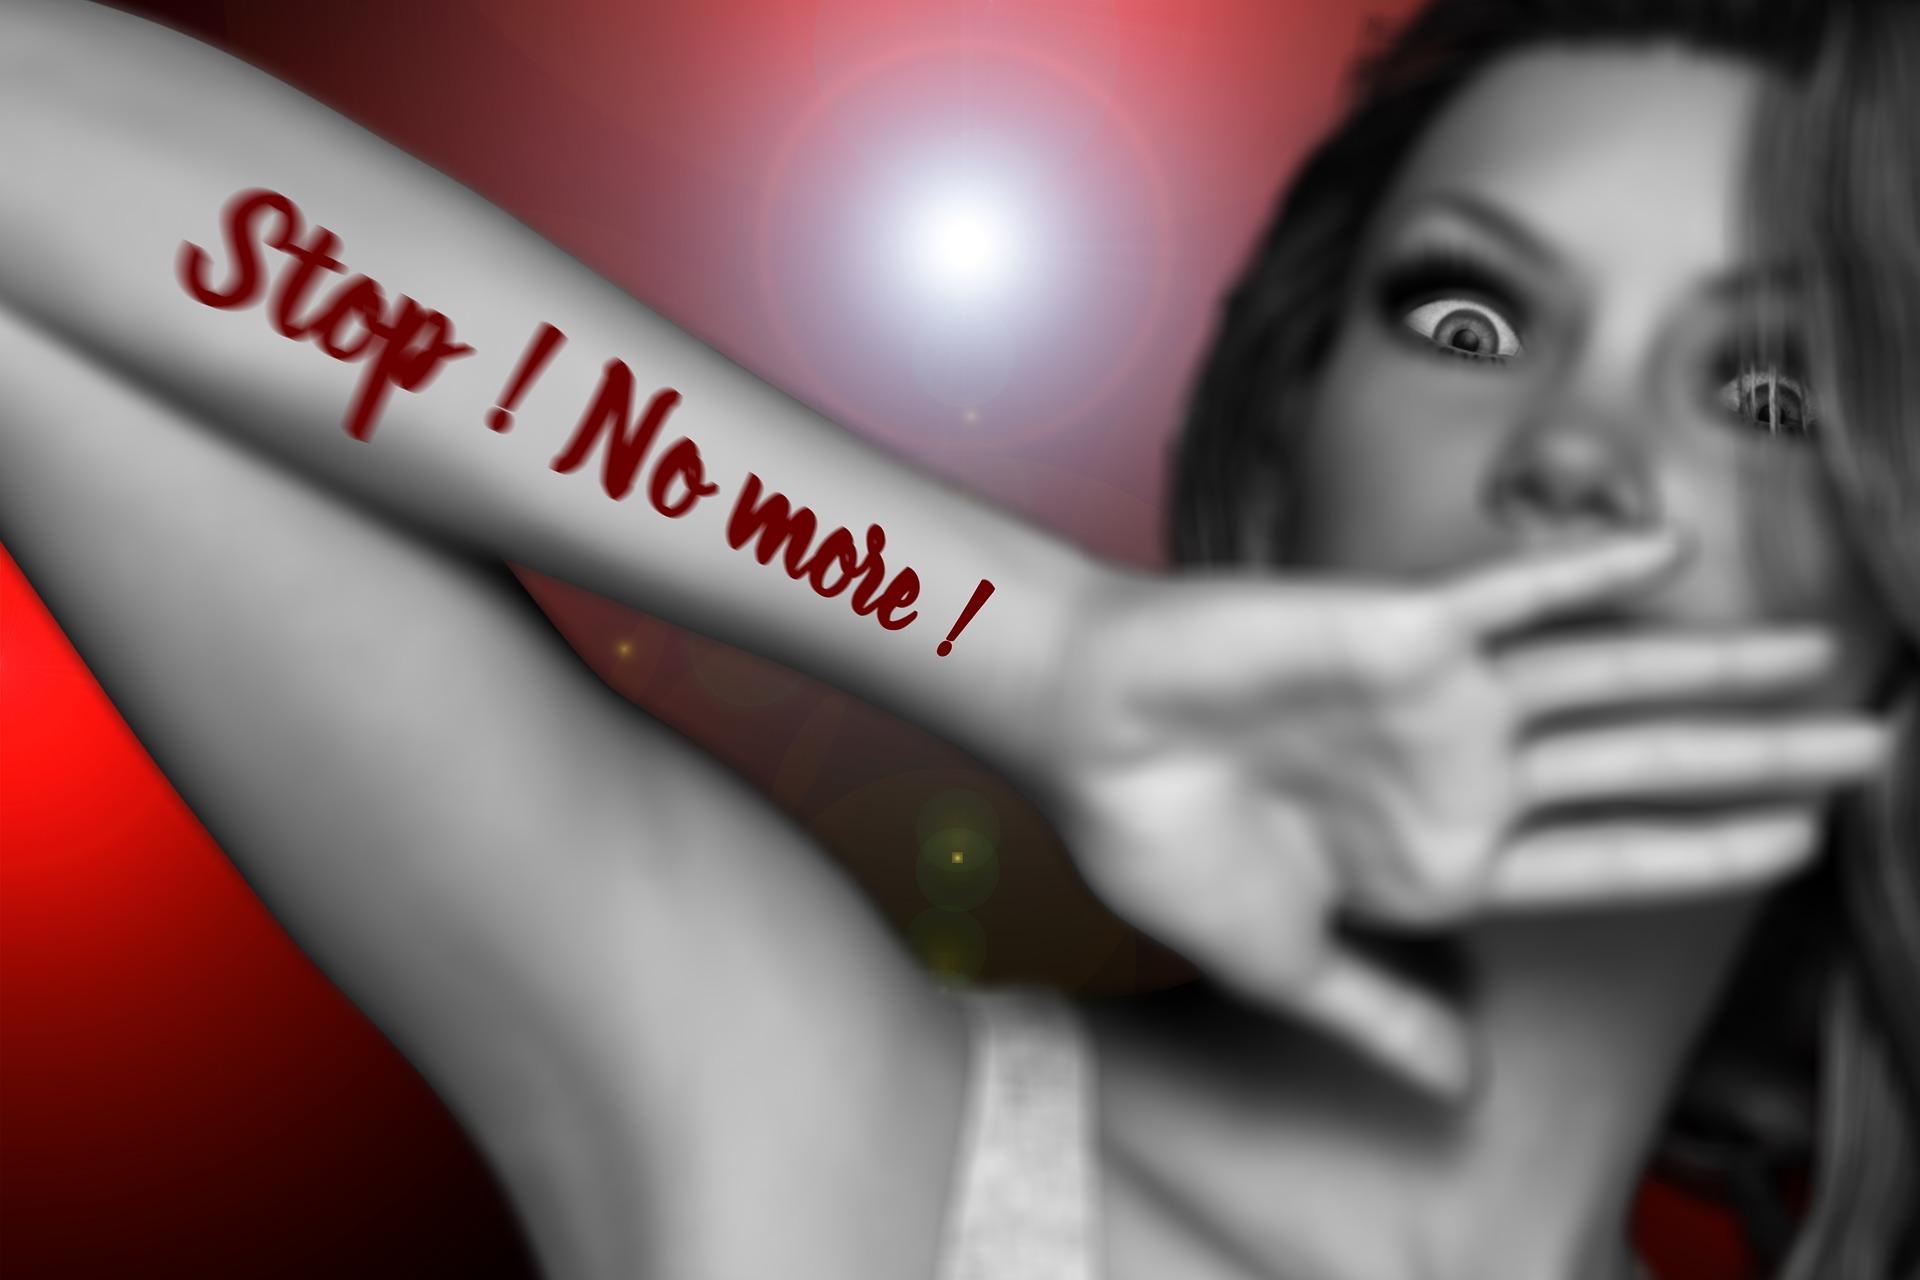 Versuchte Vergewaltigung – Haftbefehl gegen 25-Jährigen